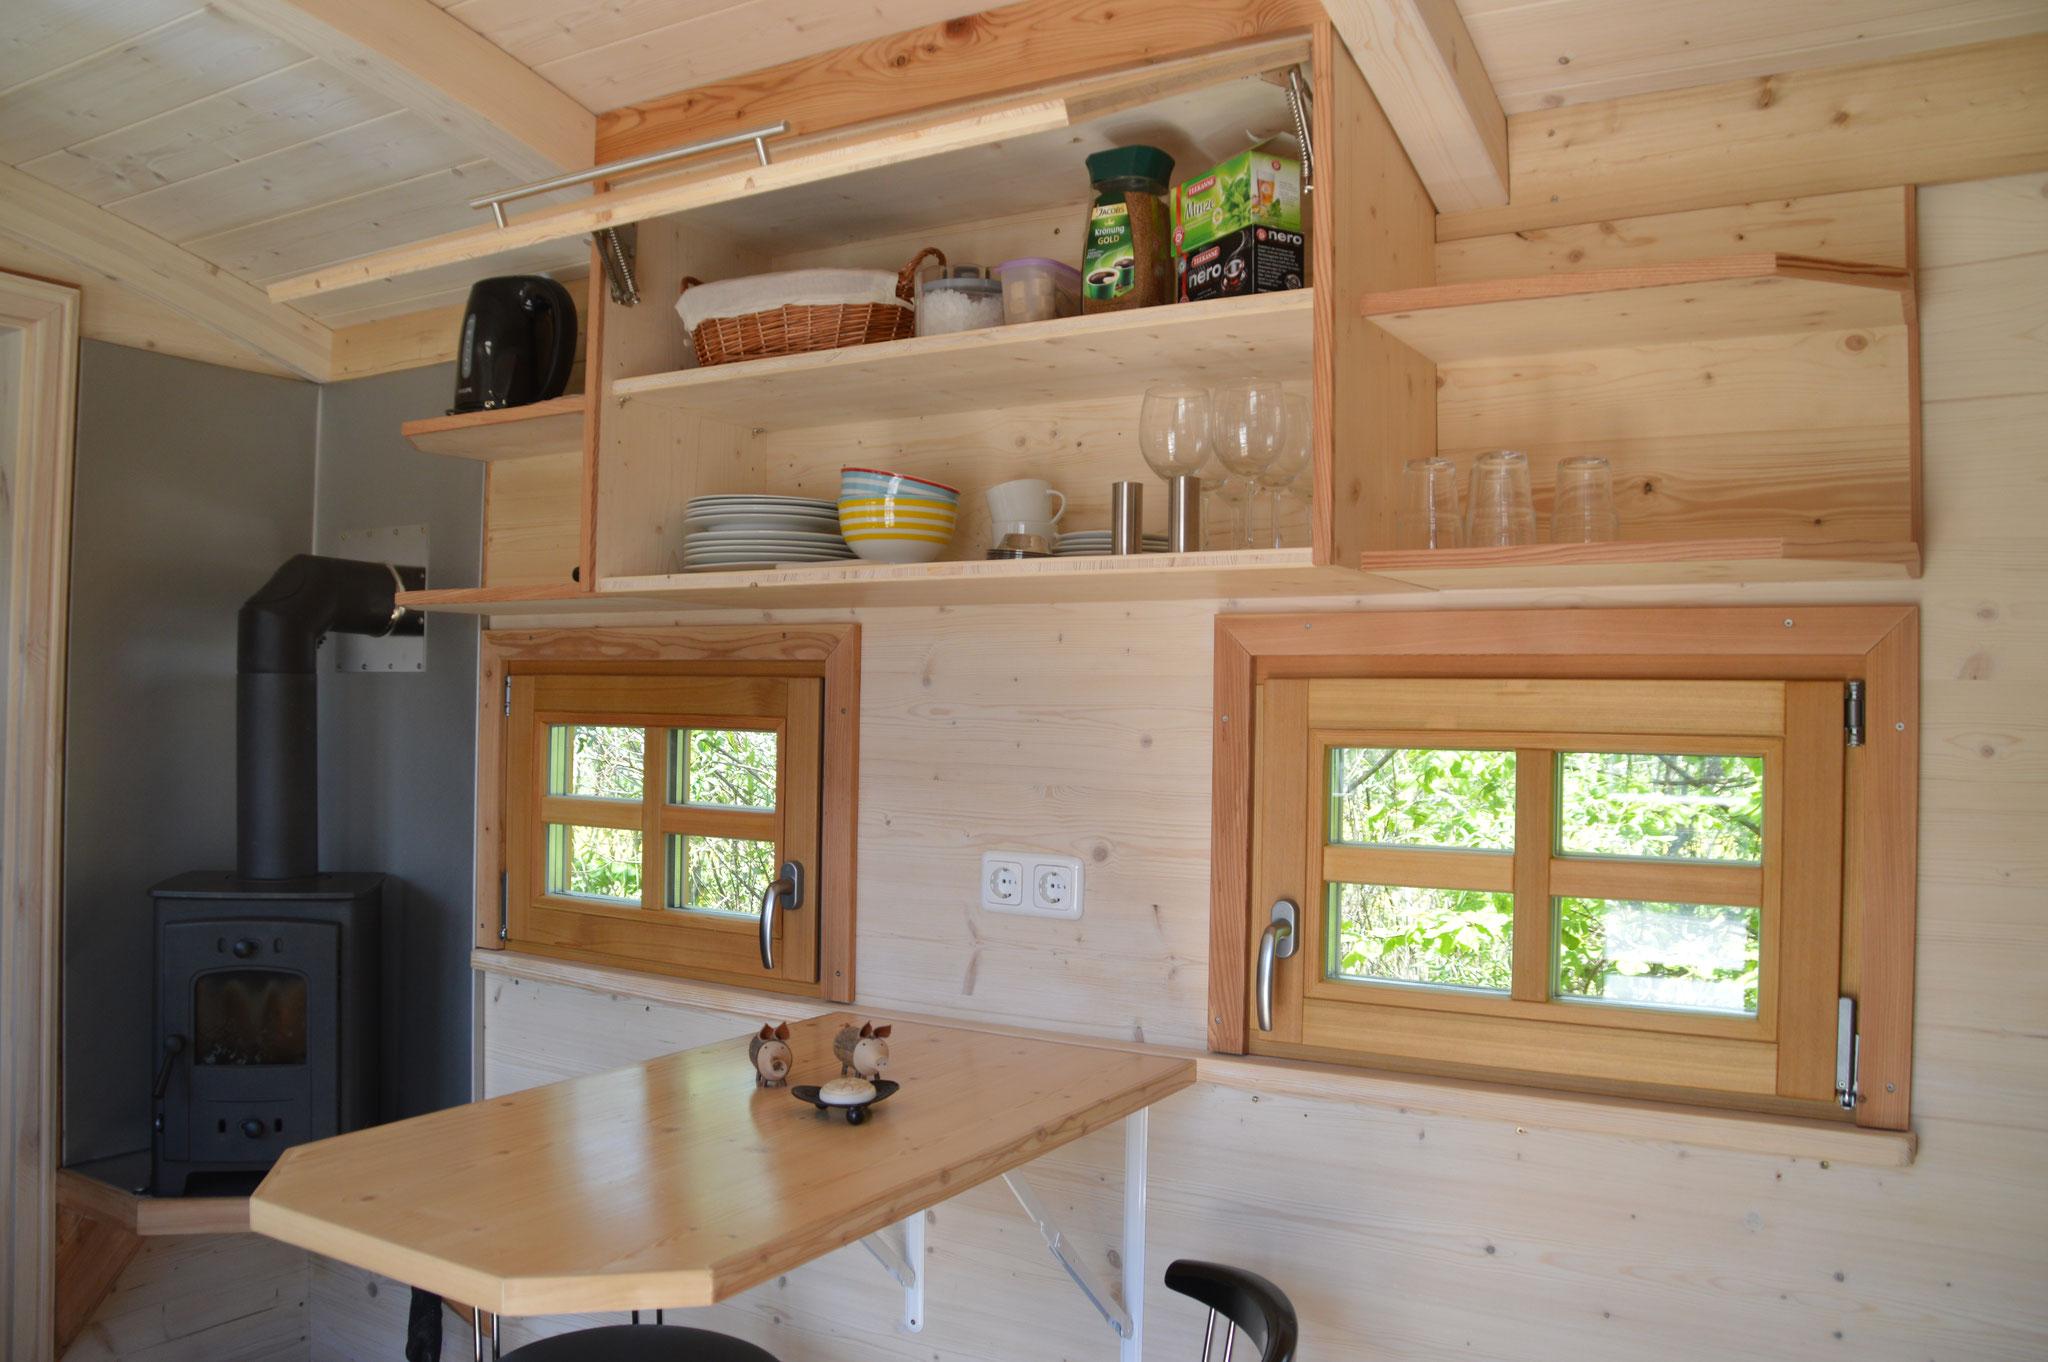 Full Size of Spielhaus Ausstellungsstück Tiny House Gebraucht Holzbau Pletz Bett Garten Holz Kunststoff Küche Kinderspielhaus Wohnzimmer Spielhaus Ausstellungsstück